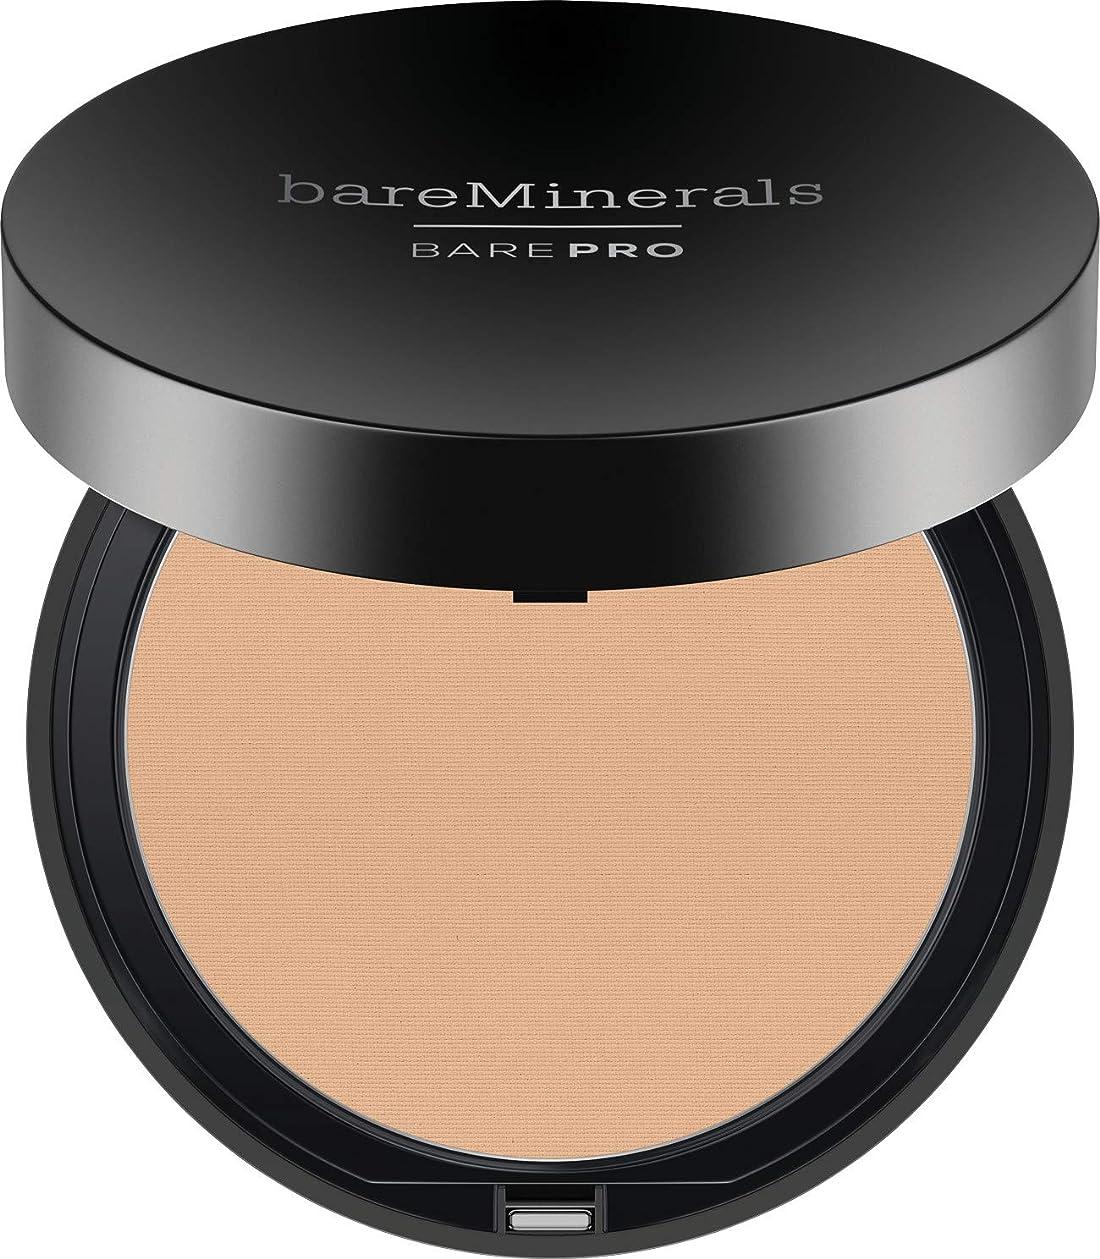 作り燃やす上流のベアミネラル BarePro Performance Wear Powder Foundation - # 09 Light Natural 10g/0.34oz並行輸入品